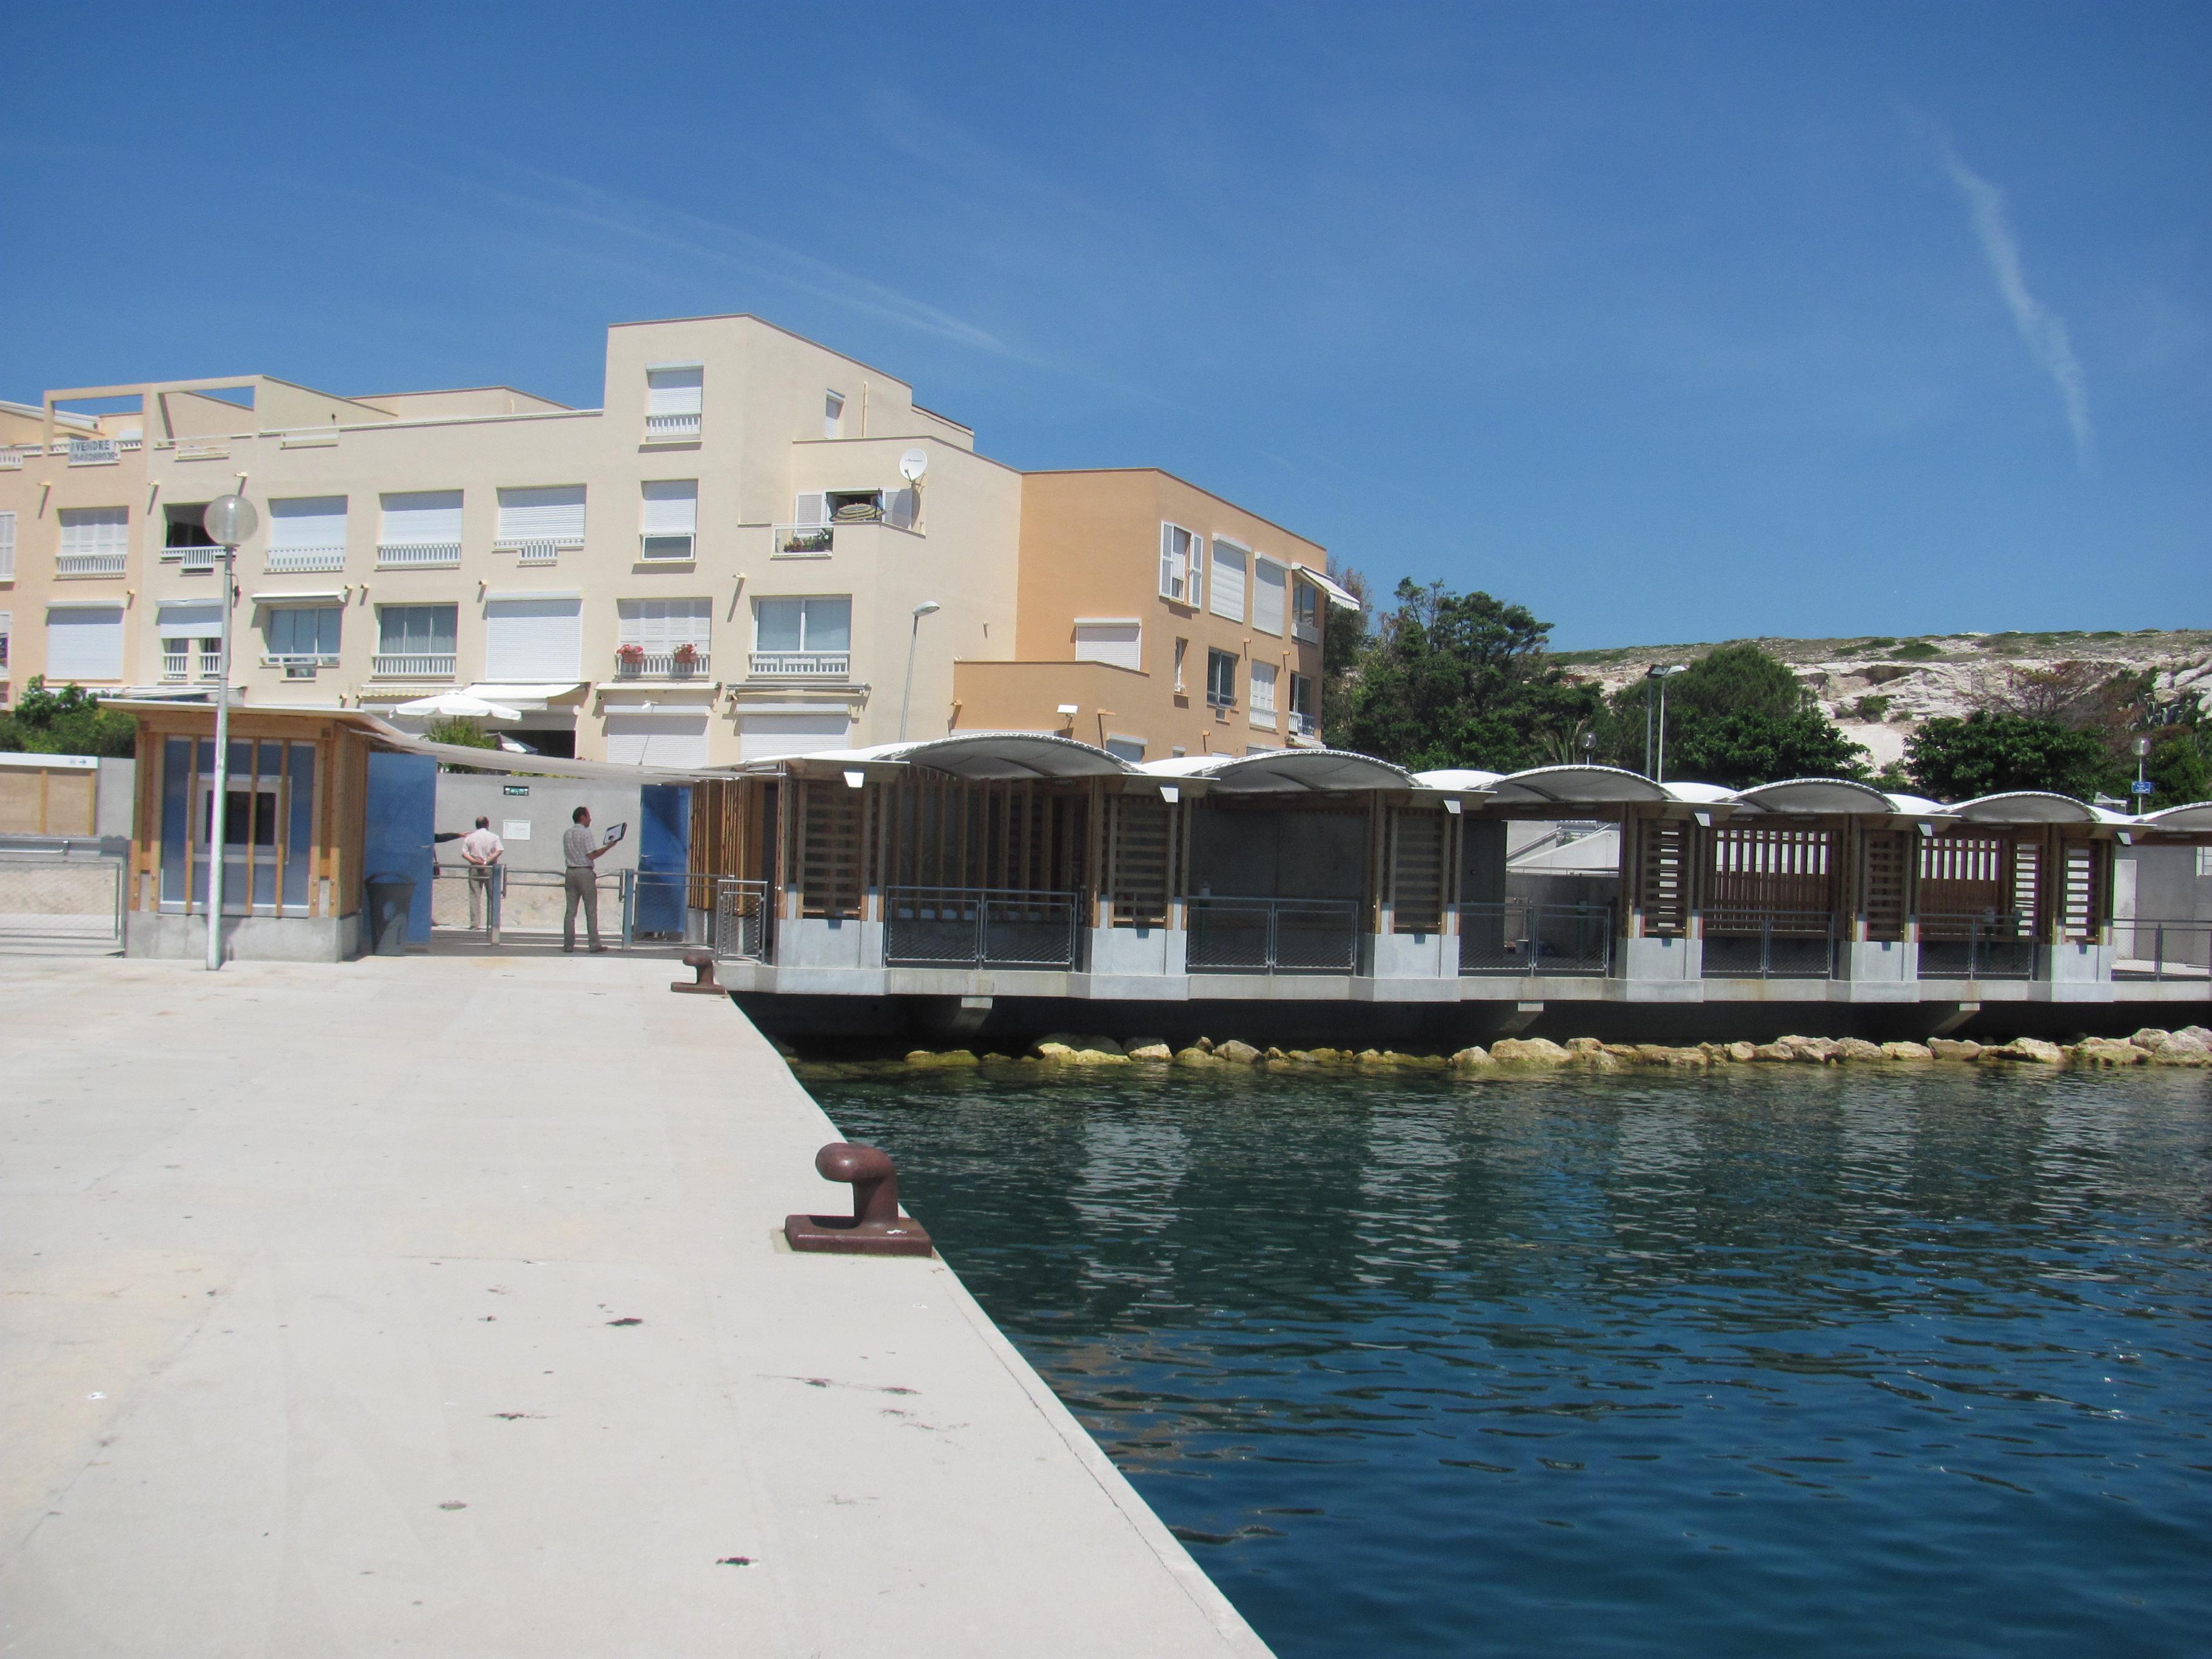 Frioul : la livraison de la Gare Maritime du Frioul est programmée pour le 29 juin !